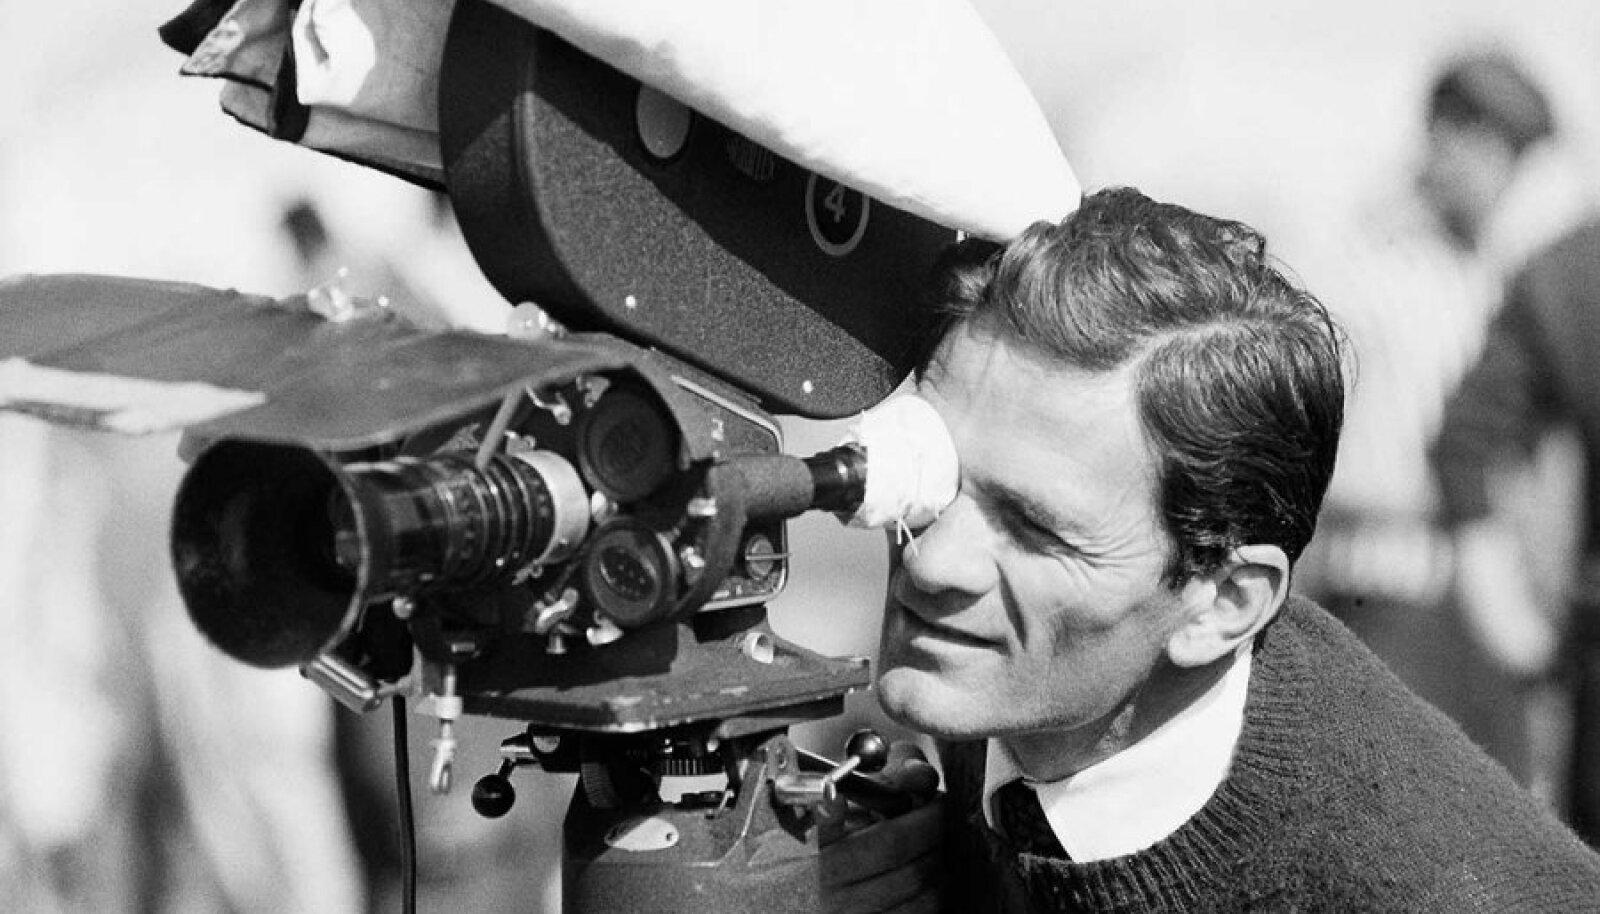 Pasolini: 53aastaselt tapetud Pier Paolo Pasolini jõudis elu jooksul teha kaksteist täispikka mängufilmi, kirjutada luuletusi, näidendeid, esseistikat, kuuluda Itaalia Kommunistlikku Parteisse ja kirjutada end maailma kultuurilukku.